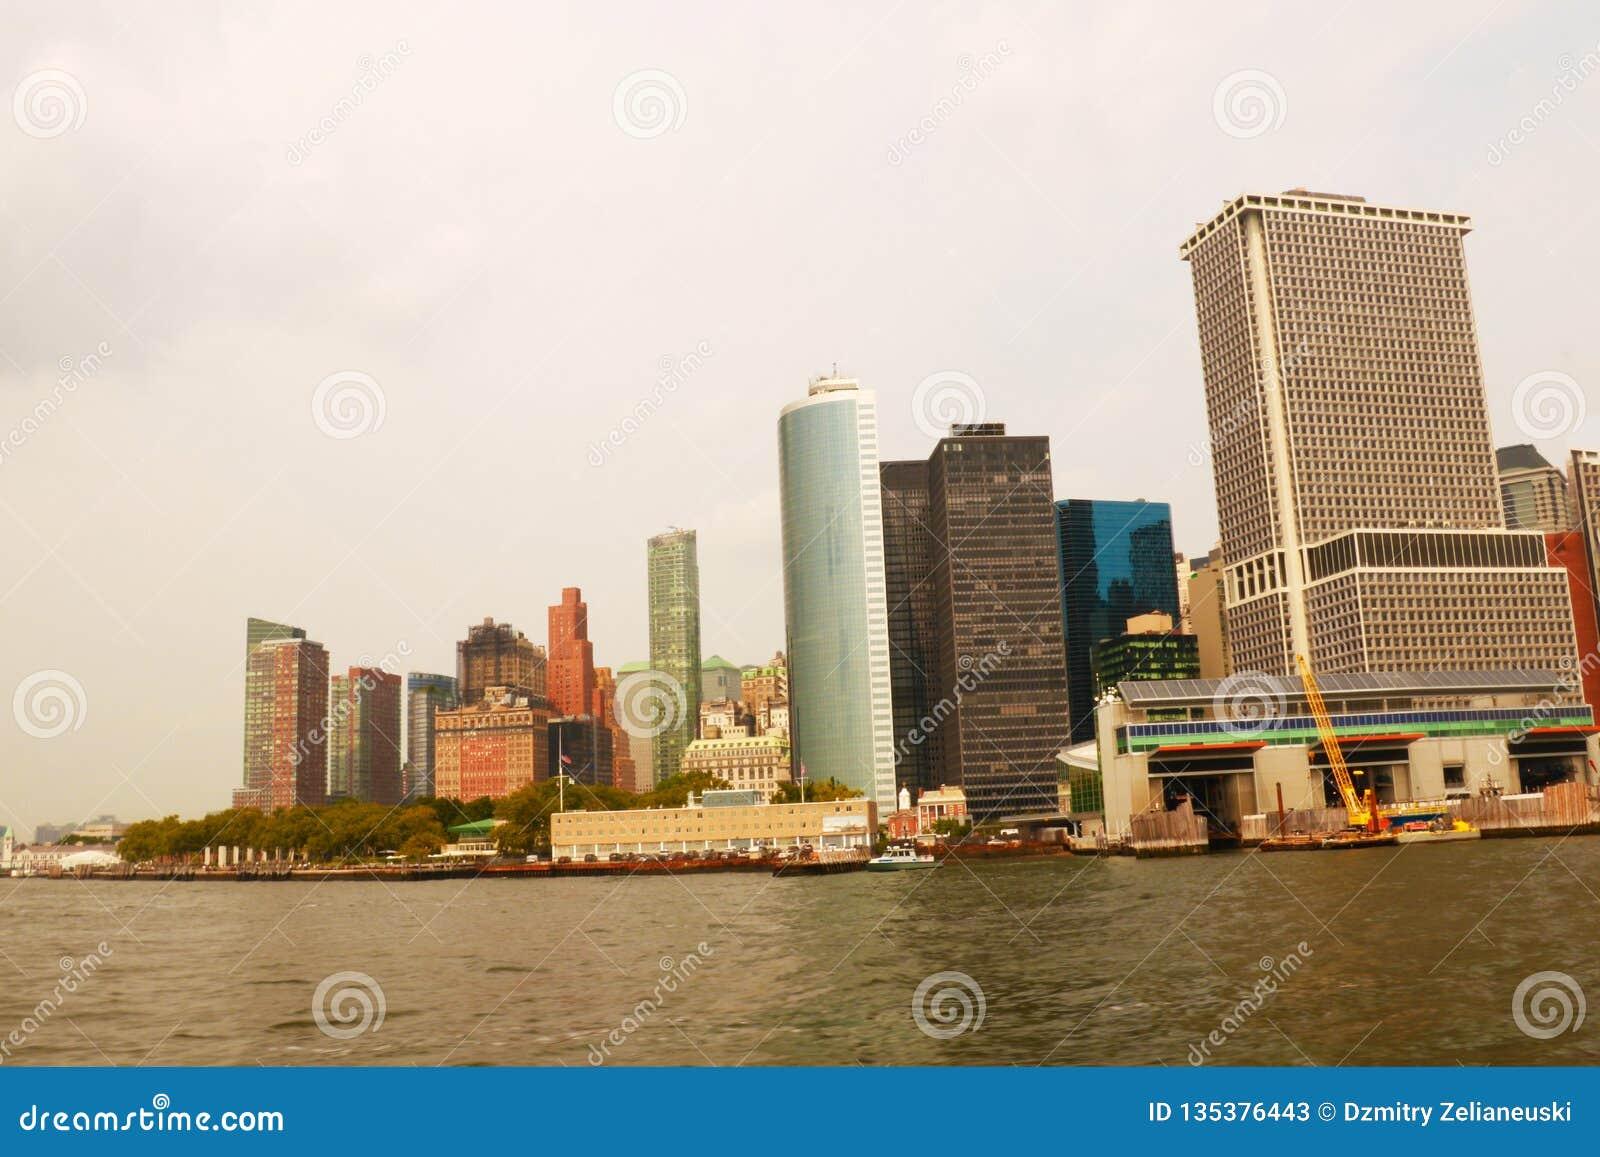 NEW YORK, U.S.A. - 31 agosto 2018: Vista panoramica dell orizzonte di Manhattan New York City, S Edifici per uffici e grattacieli